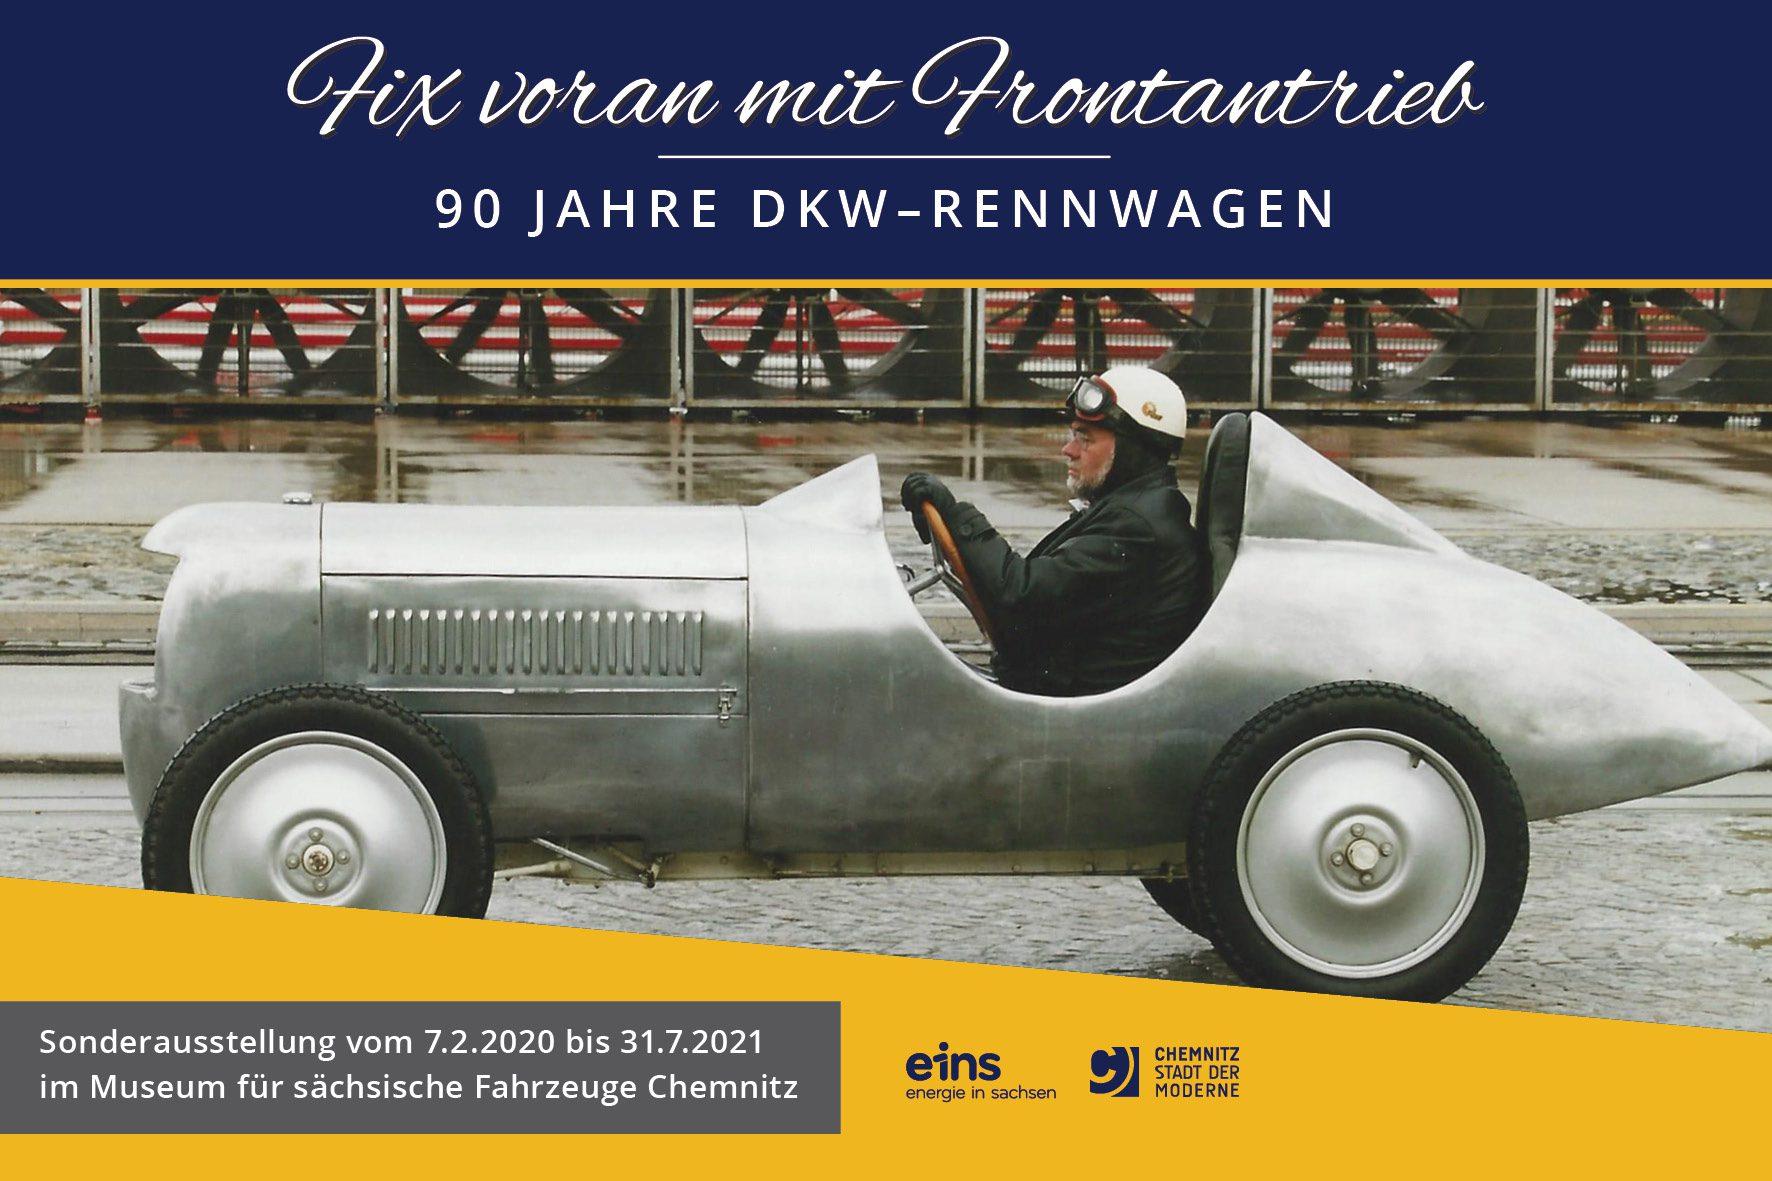 SonderausstellungFixvoranmitFrontantrieb–JahreDKW Rennwagen